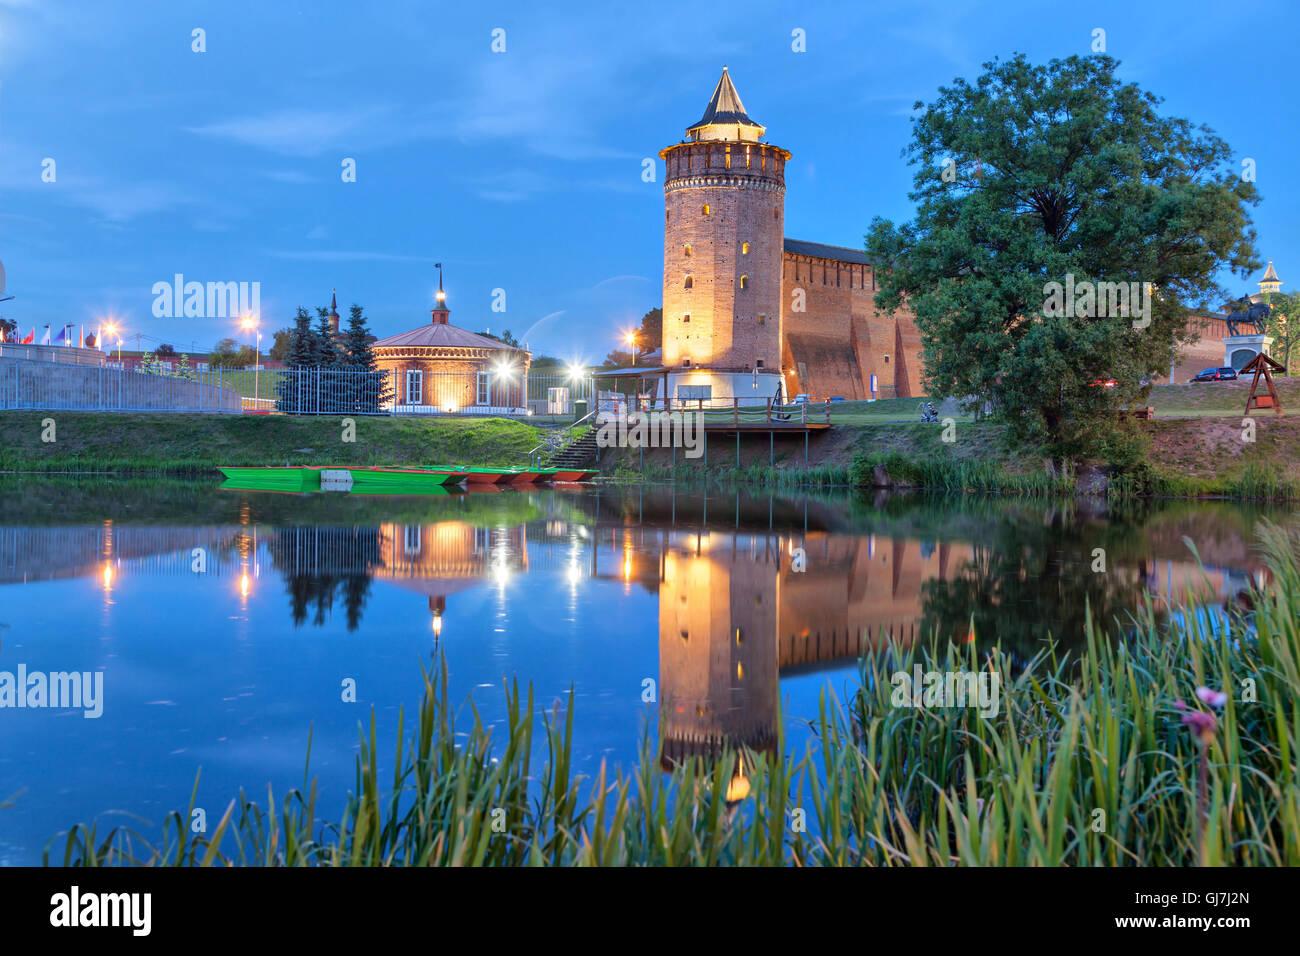 Un tour de mur kremlin Kolomna reflétant dans l'eau dans la soirée, Kolomna, dans la région de Photo Stock